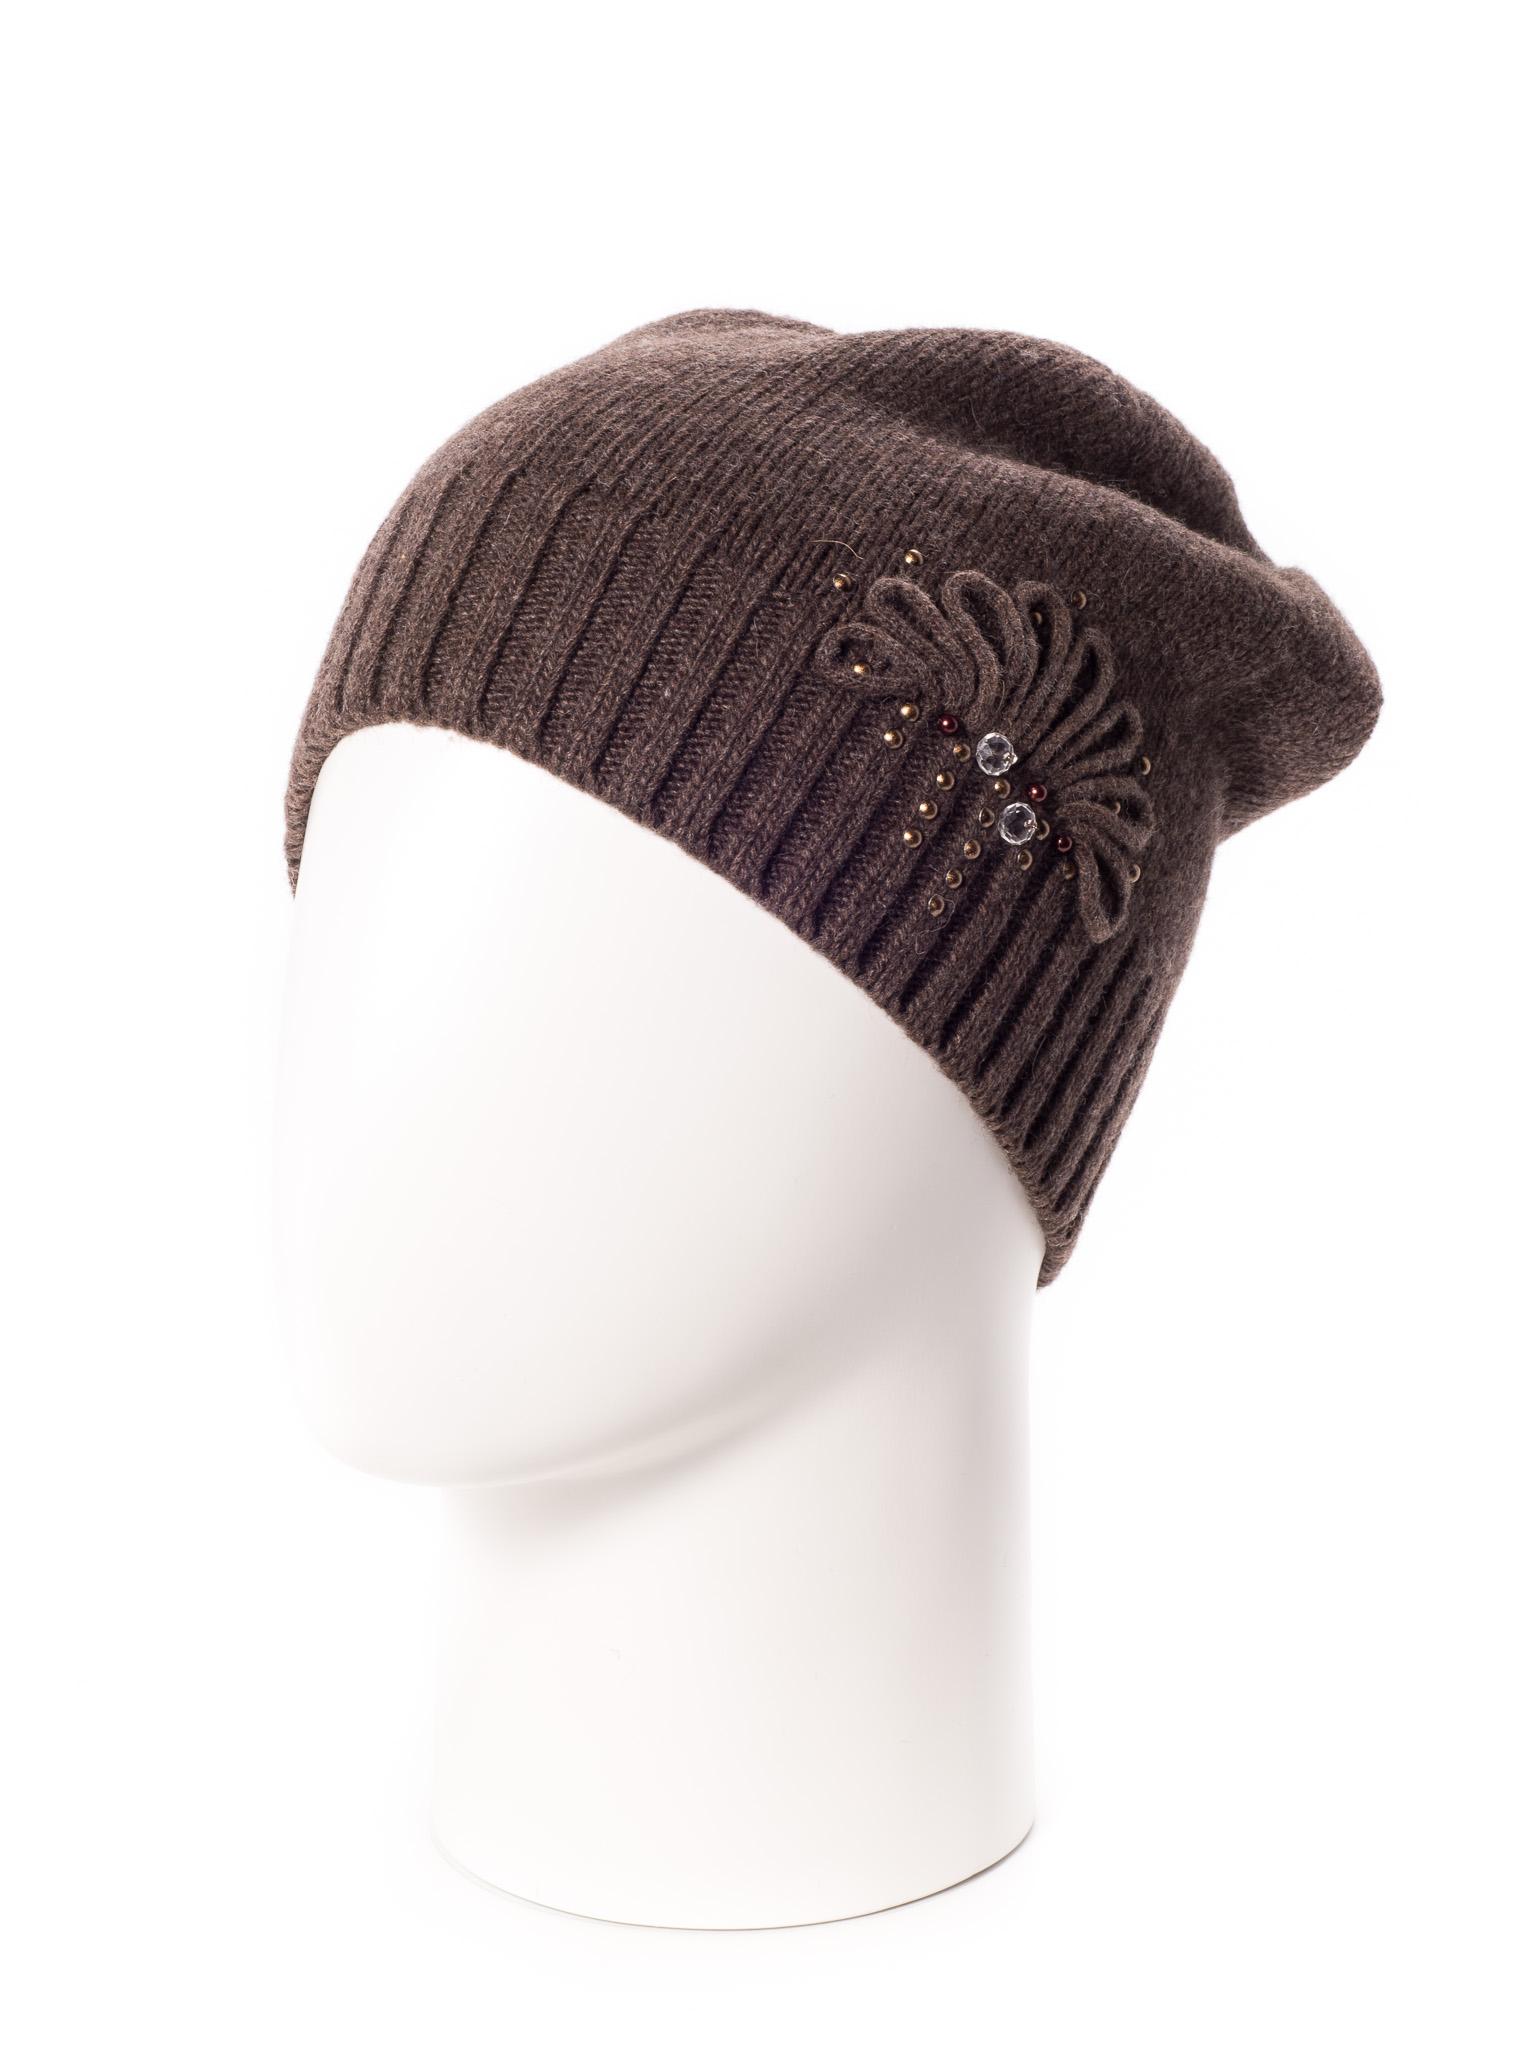 ШапкаШапки<br>Стильная шапка защитит Вас от непогоды и станет прекрасным дополнением Вашего образа.  В изделии использованы цвета: коричневый<br><br>По материалу: Вязаные<br>По рисунку: Однотонные<br>По элементам: С декором<br>По сезону: Зима<br>Размер : universal<br>Материал: Вязаное полотно<br>Количество в наличии: 1